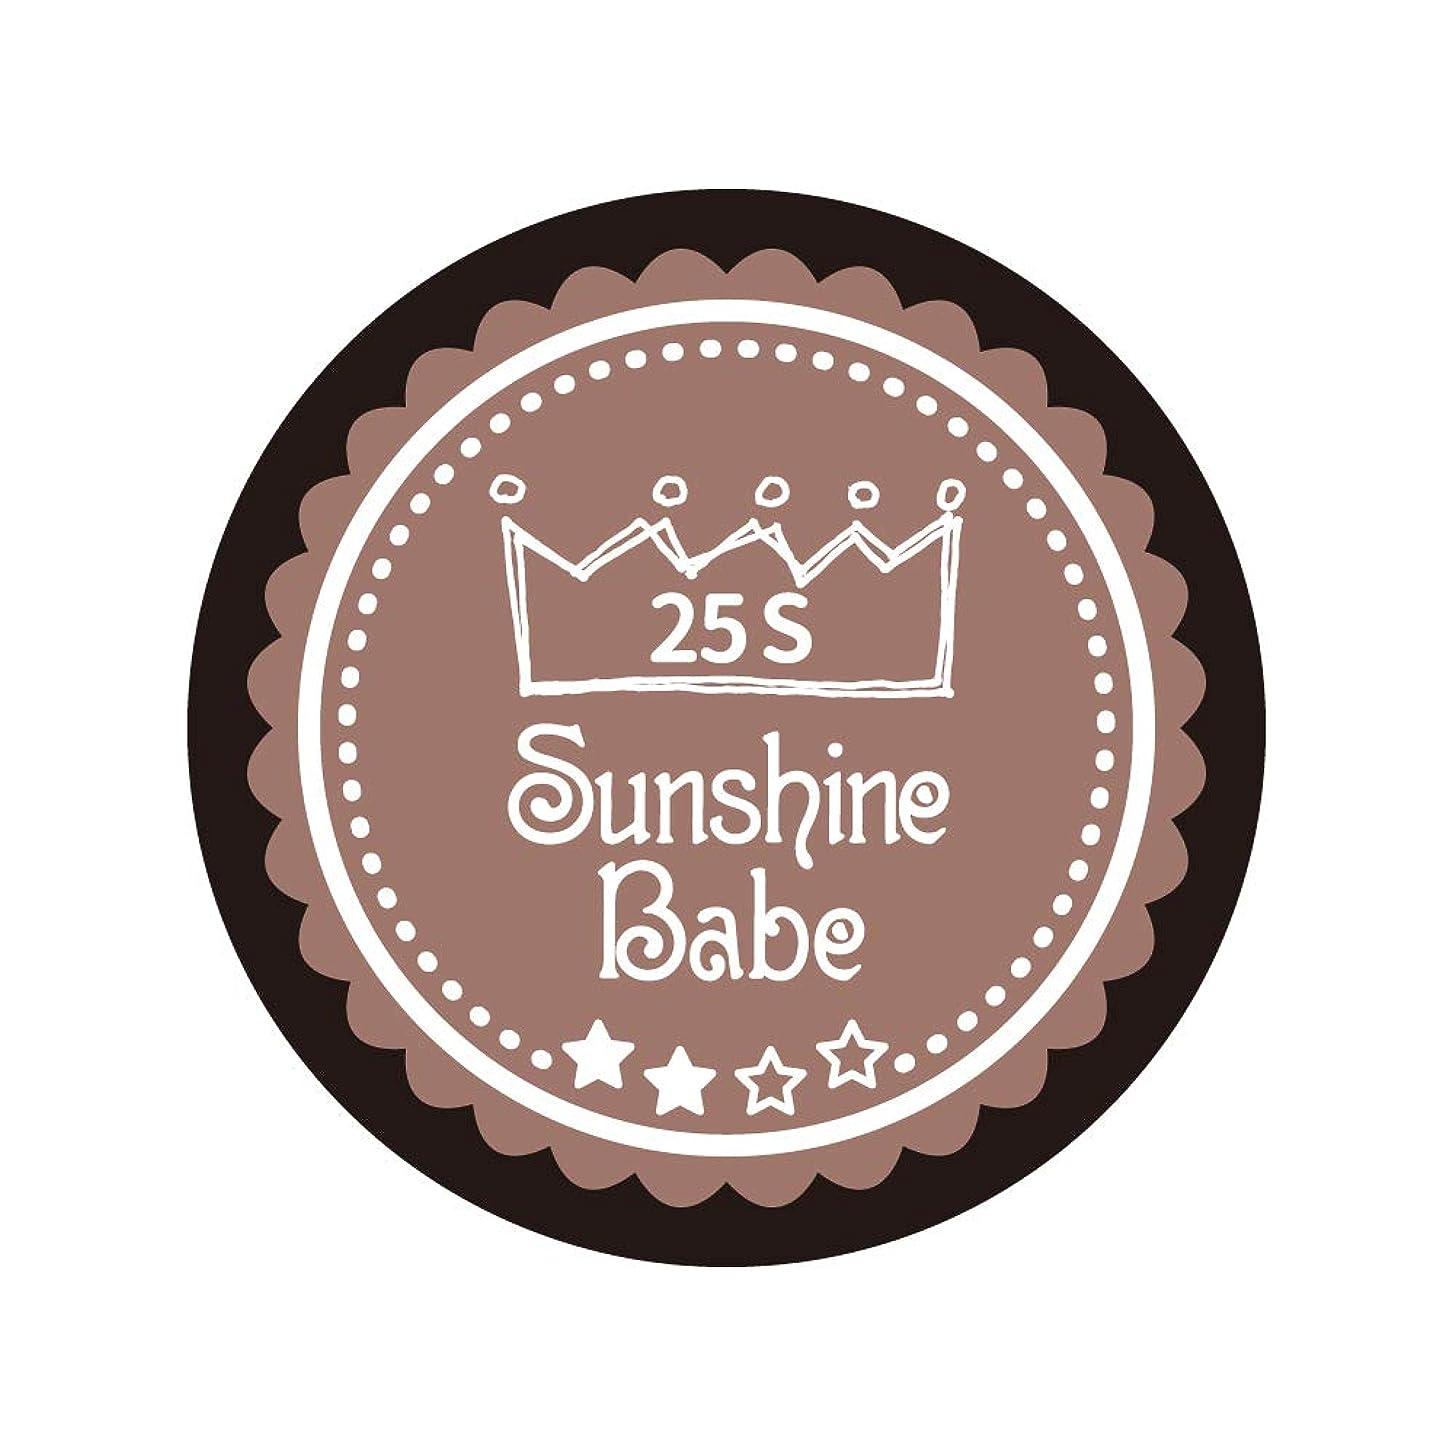 嵐の準備一緒Sunshine Babe コスメティックカラー 25S ミルキーココア 4g UV/LED対応